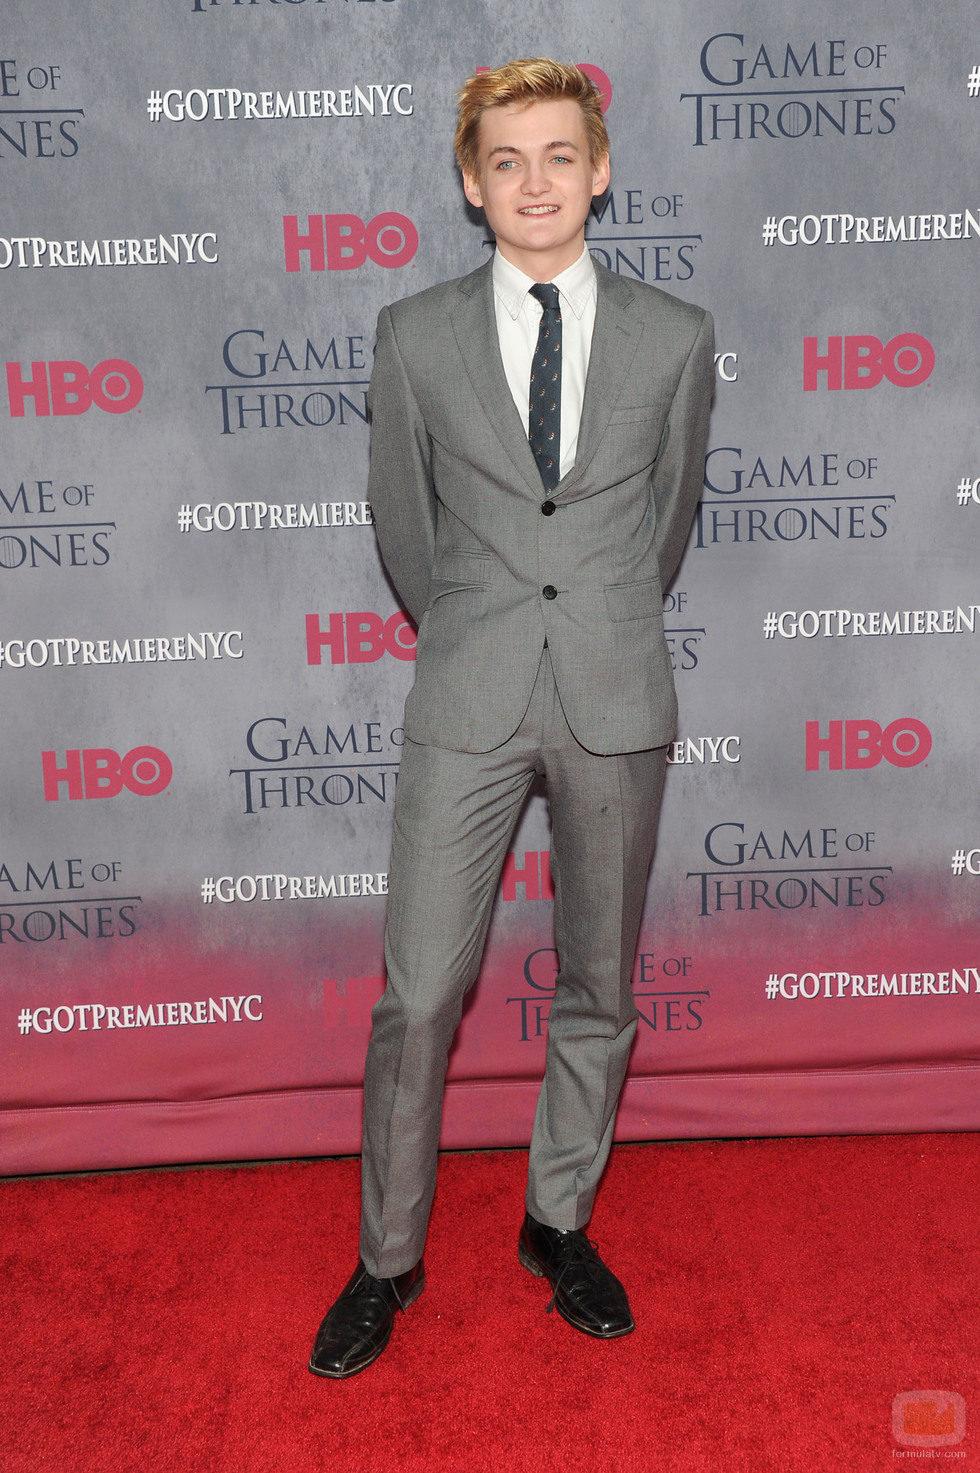 Jack Gleeson en la premiere de la cuarta temporada de 'Juego de tronos'